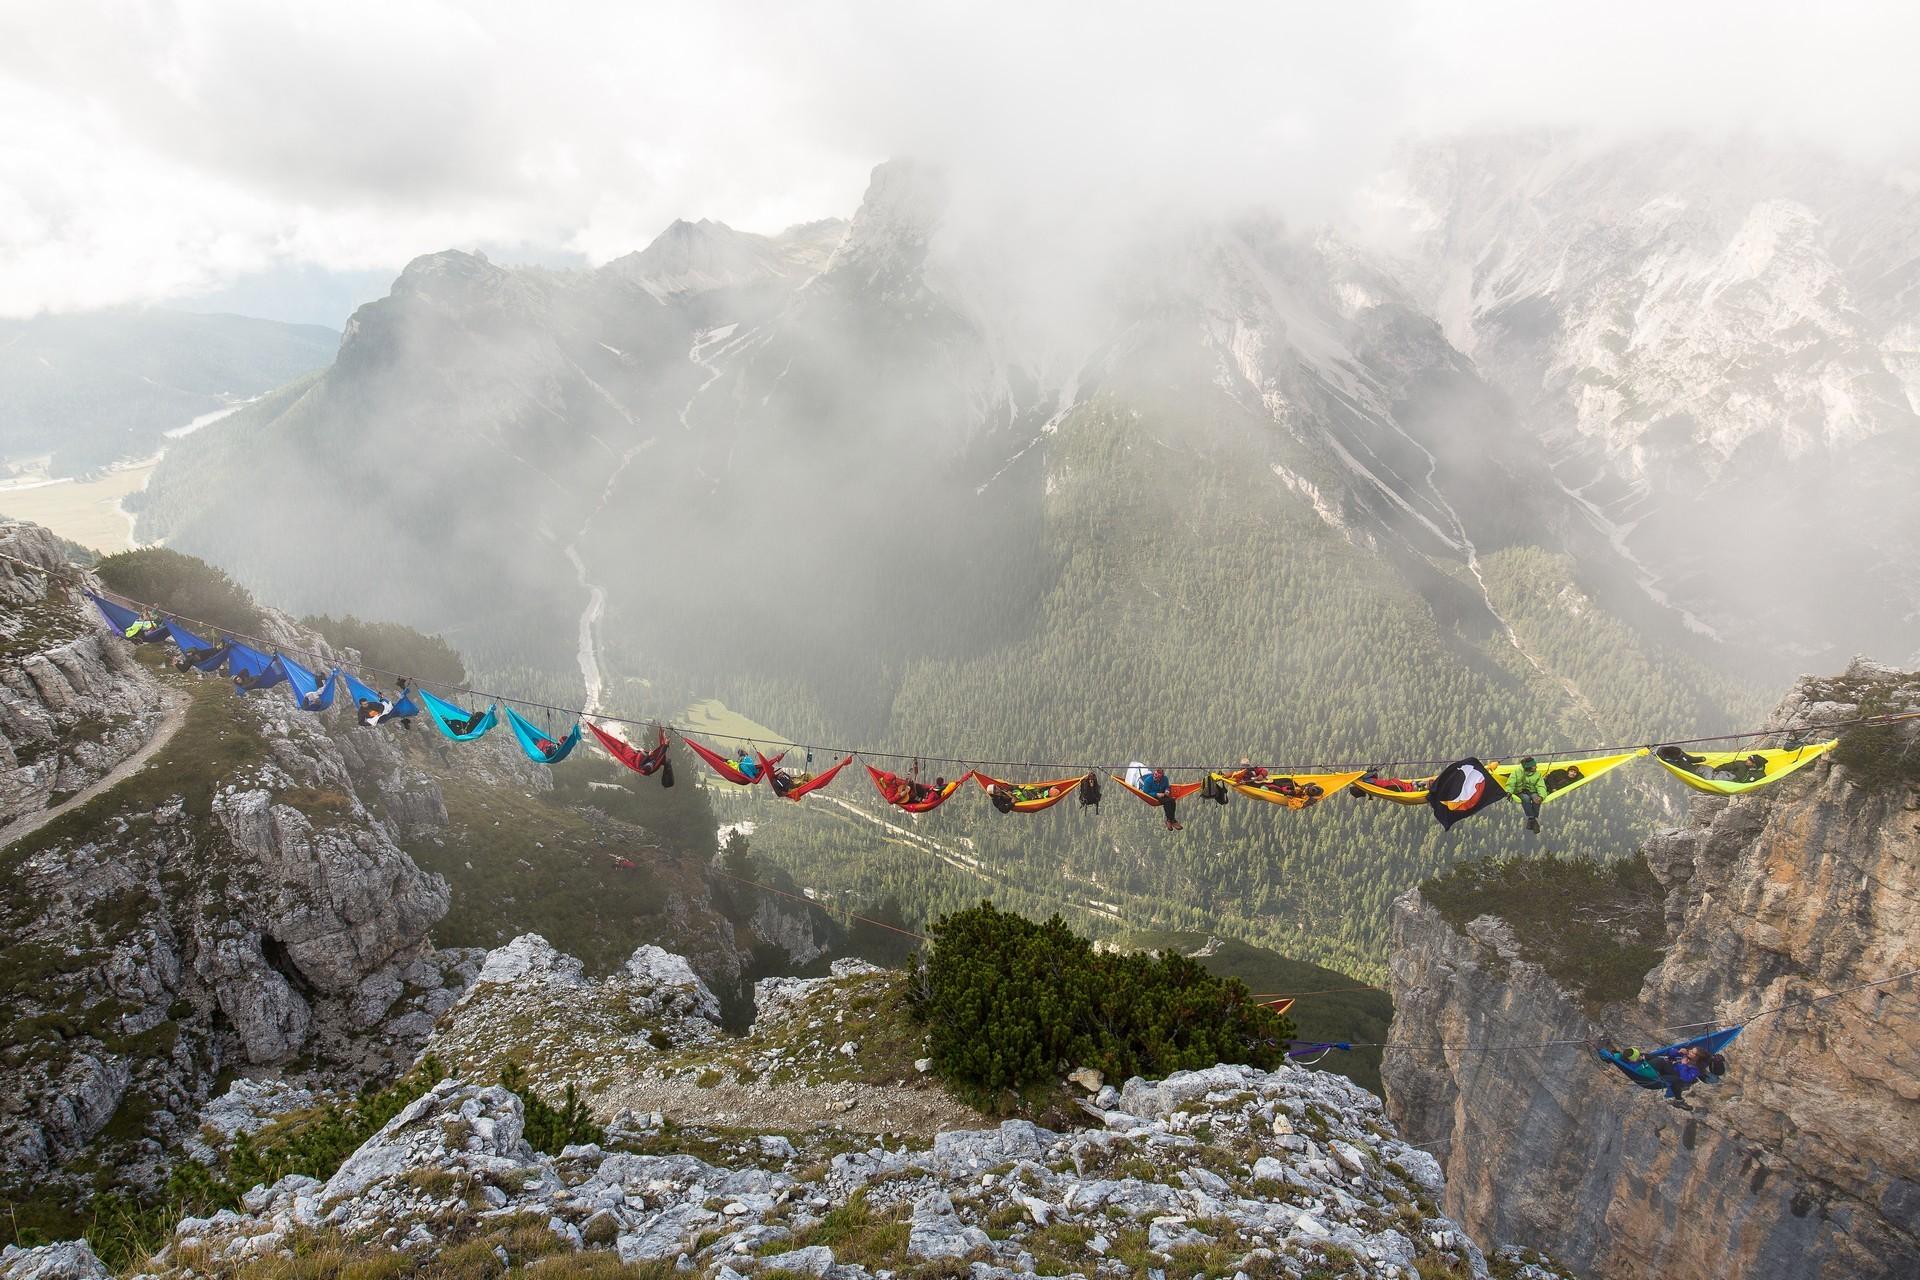 Наш экстремальный отдых. Лагерь гамаков в туманных горах.